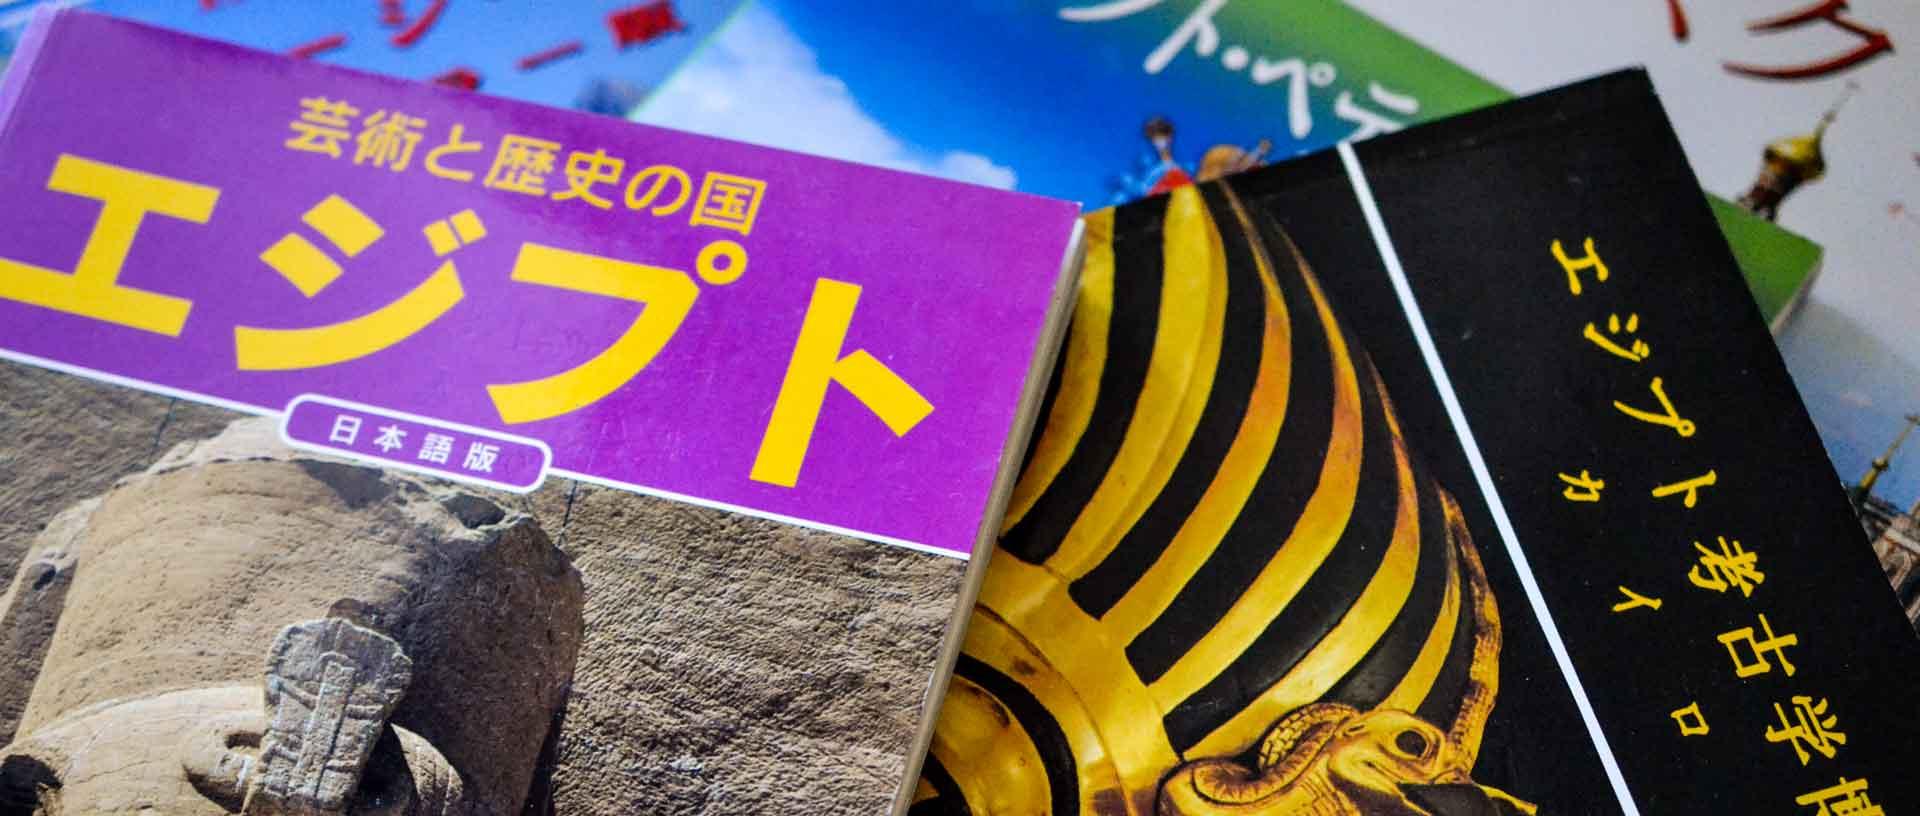 買取不可の日本語タイトルが記載された本